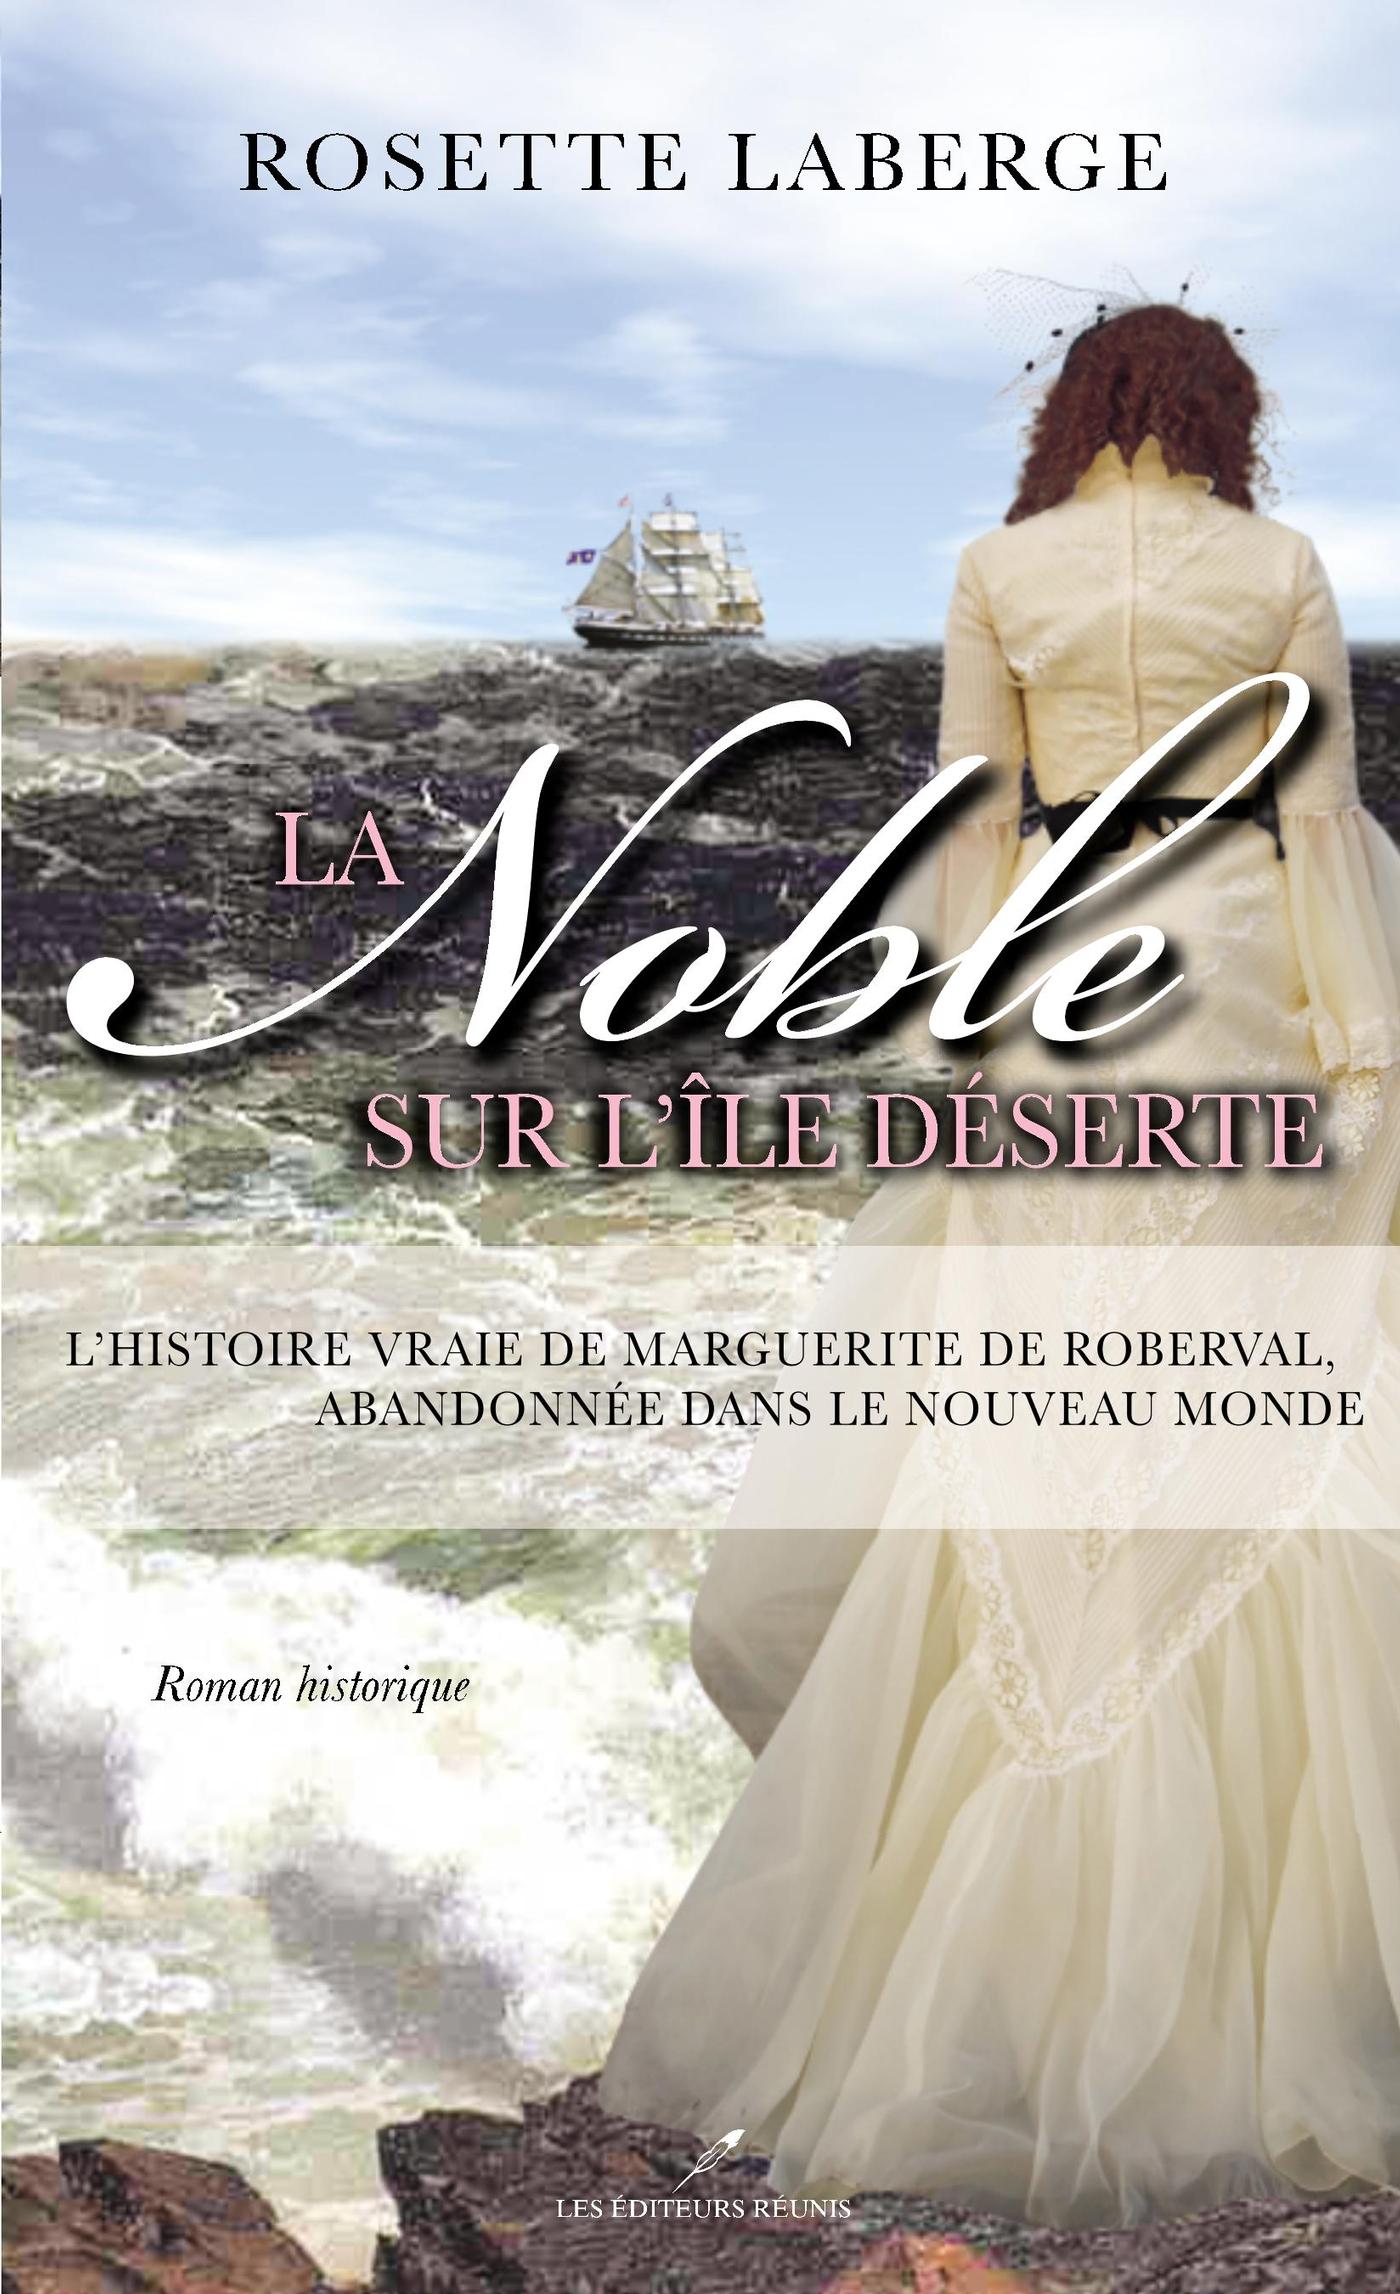 La Noble sur l'île déserte